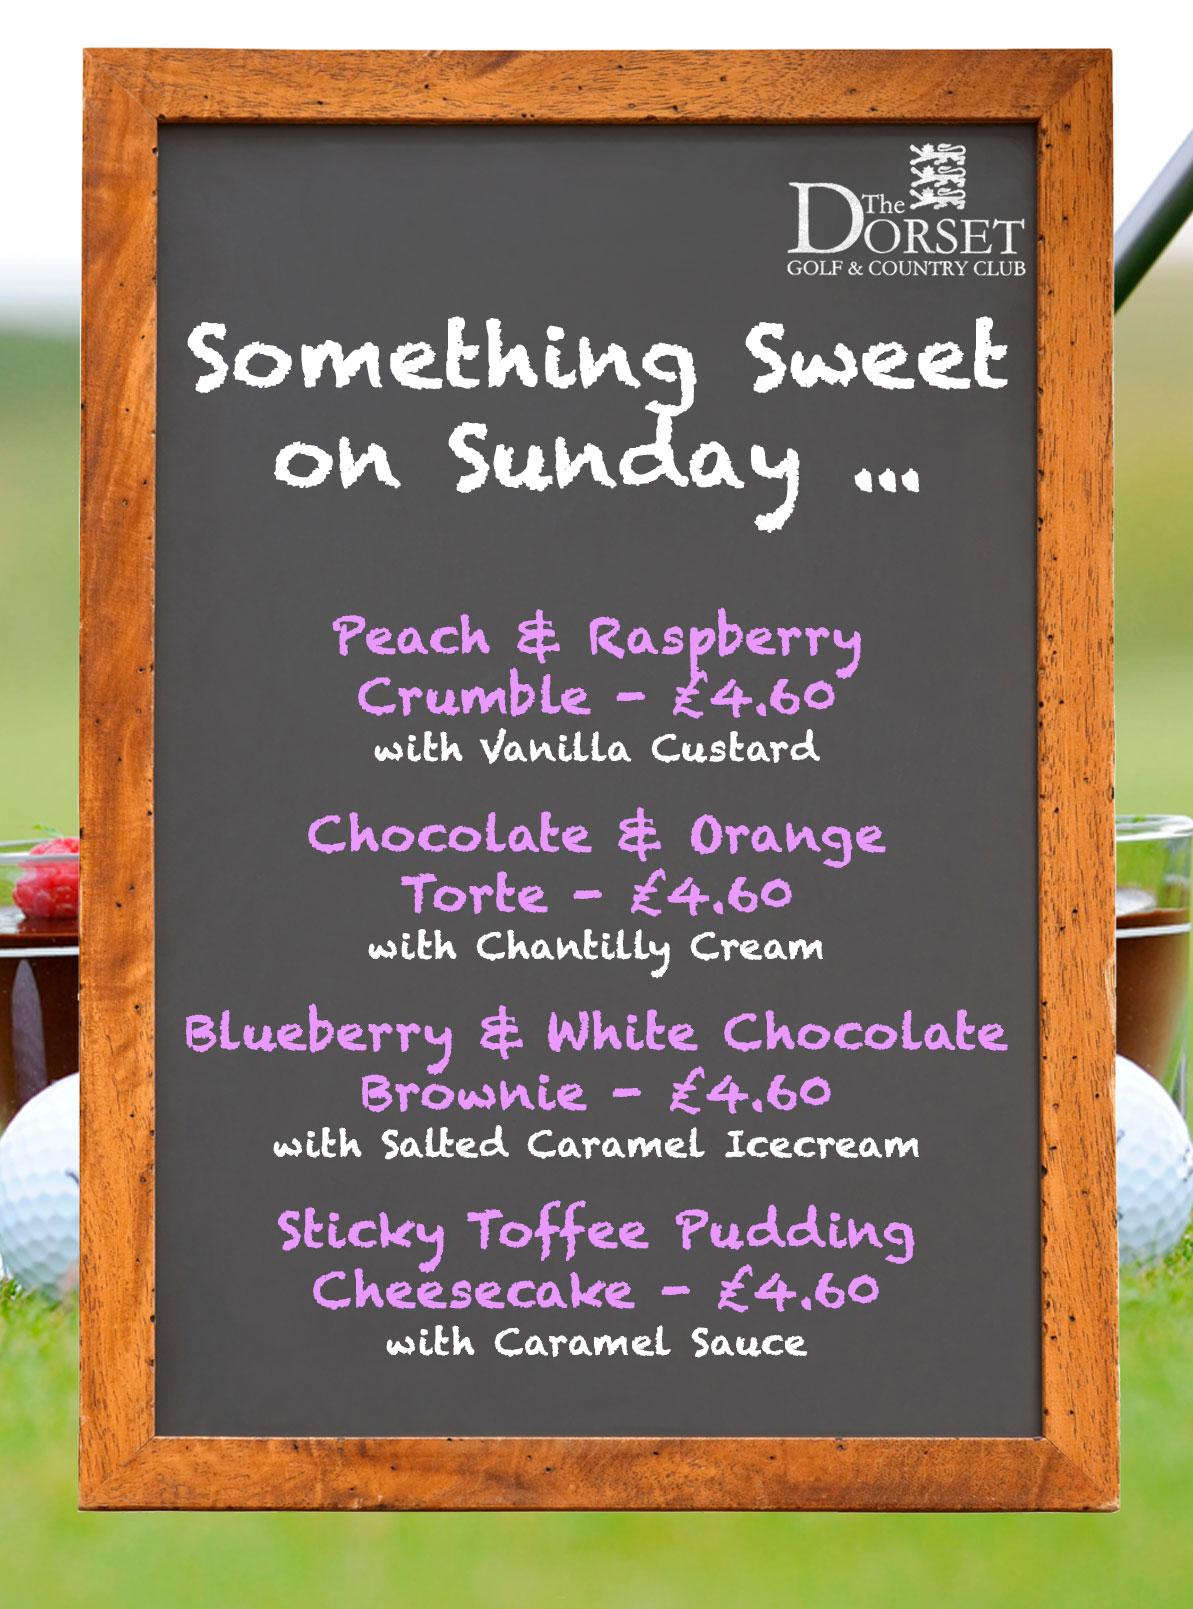 Sunday-sweets-board-social-media